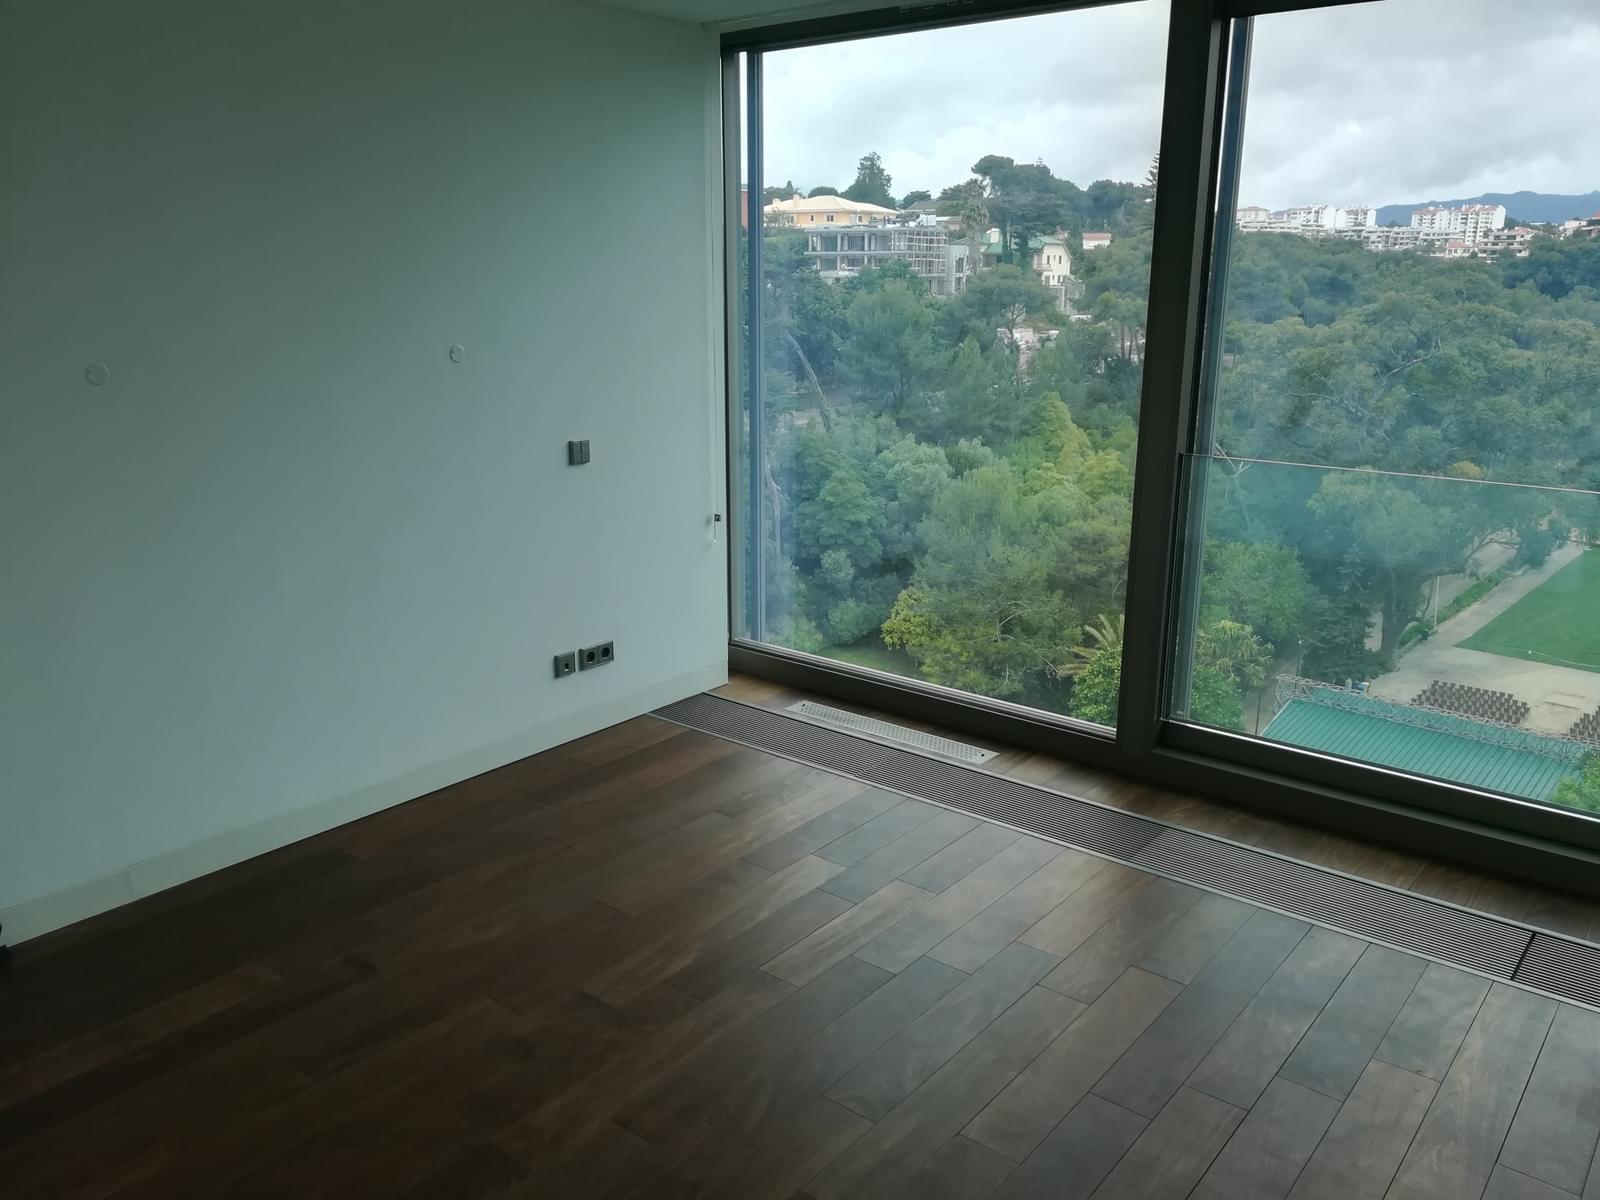 pf17354-apartamento-t1-cascais-12c38a56-18ae-456d-9be0-8f0df7507921